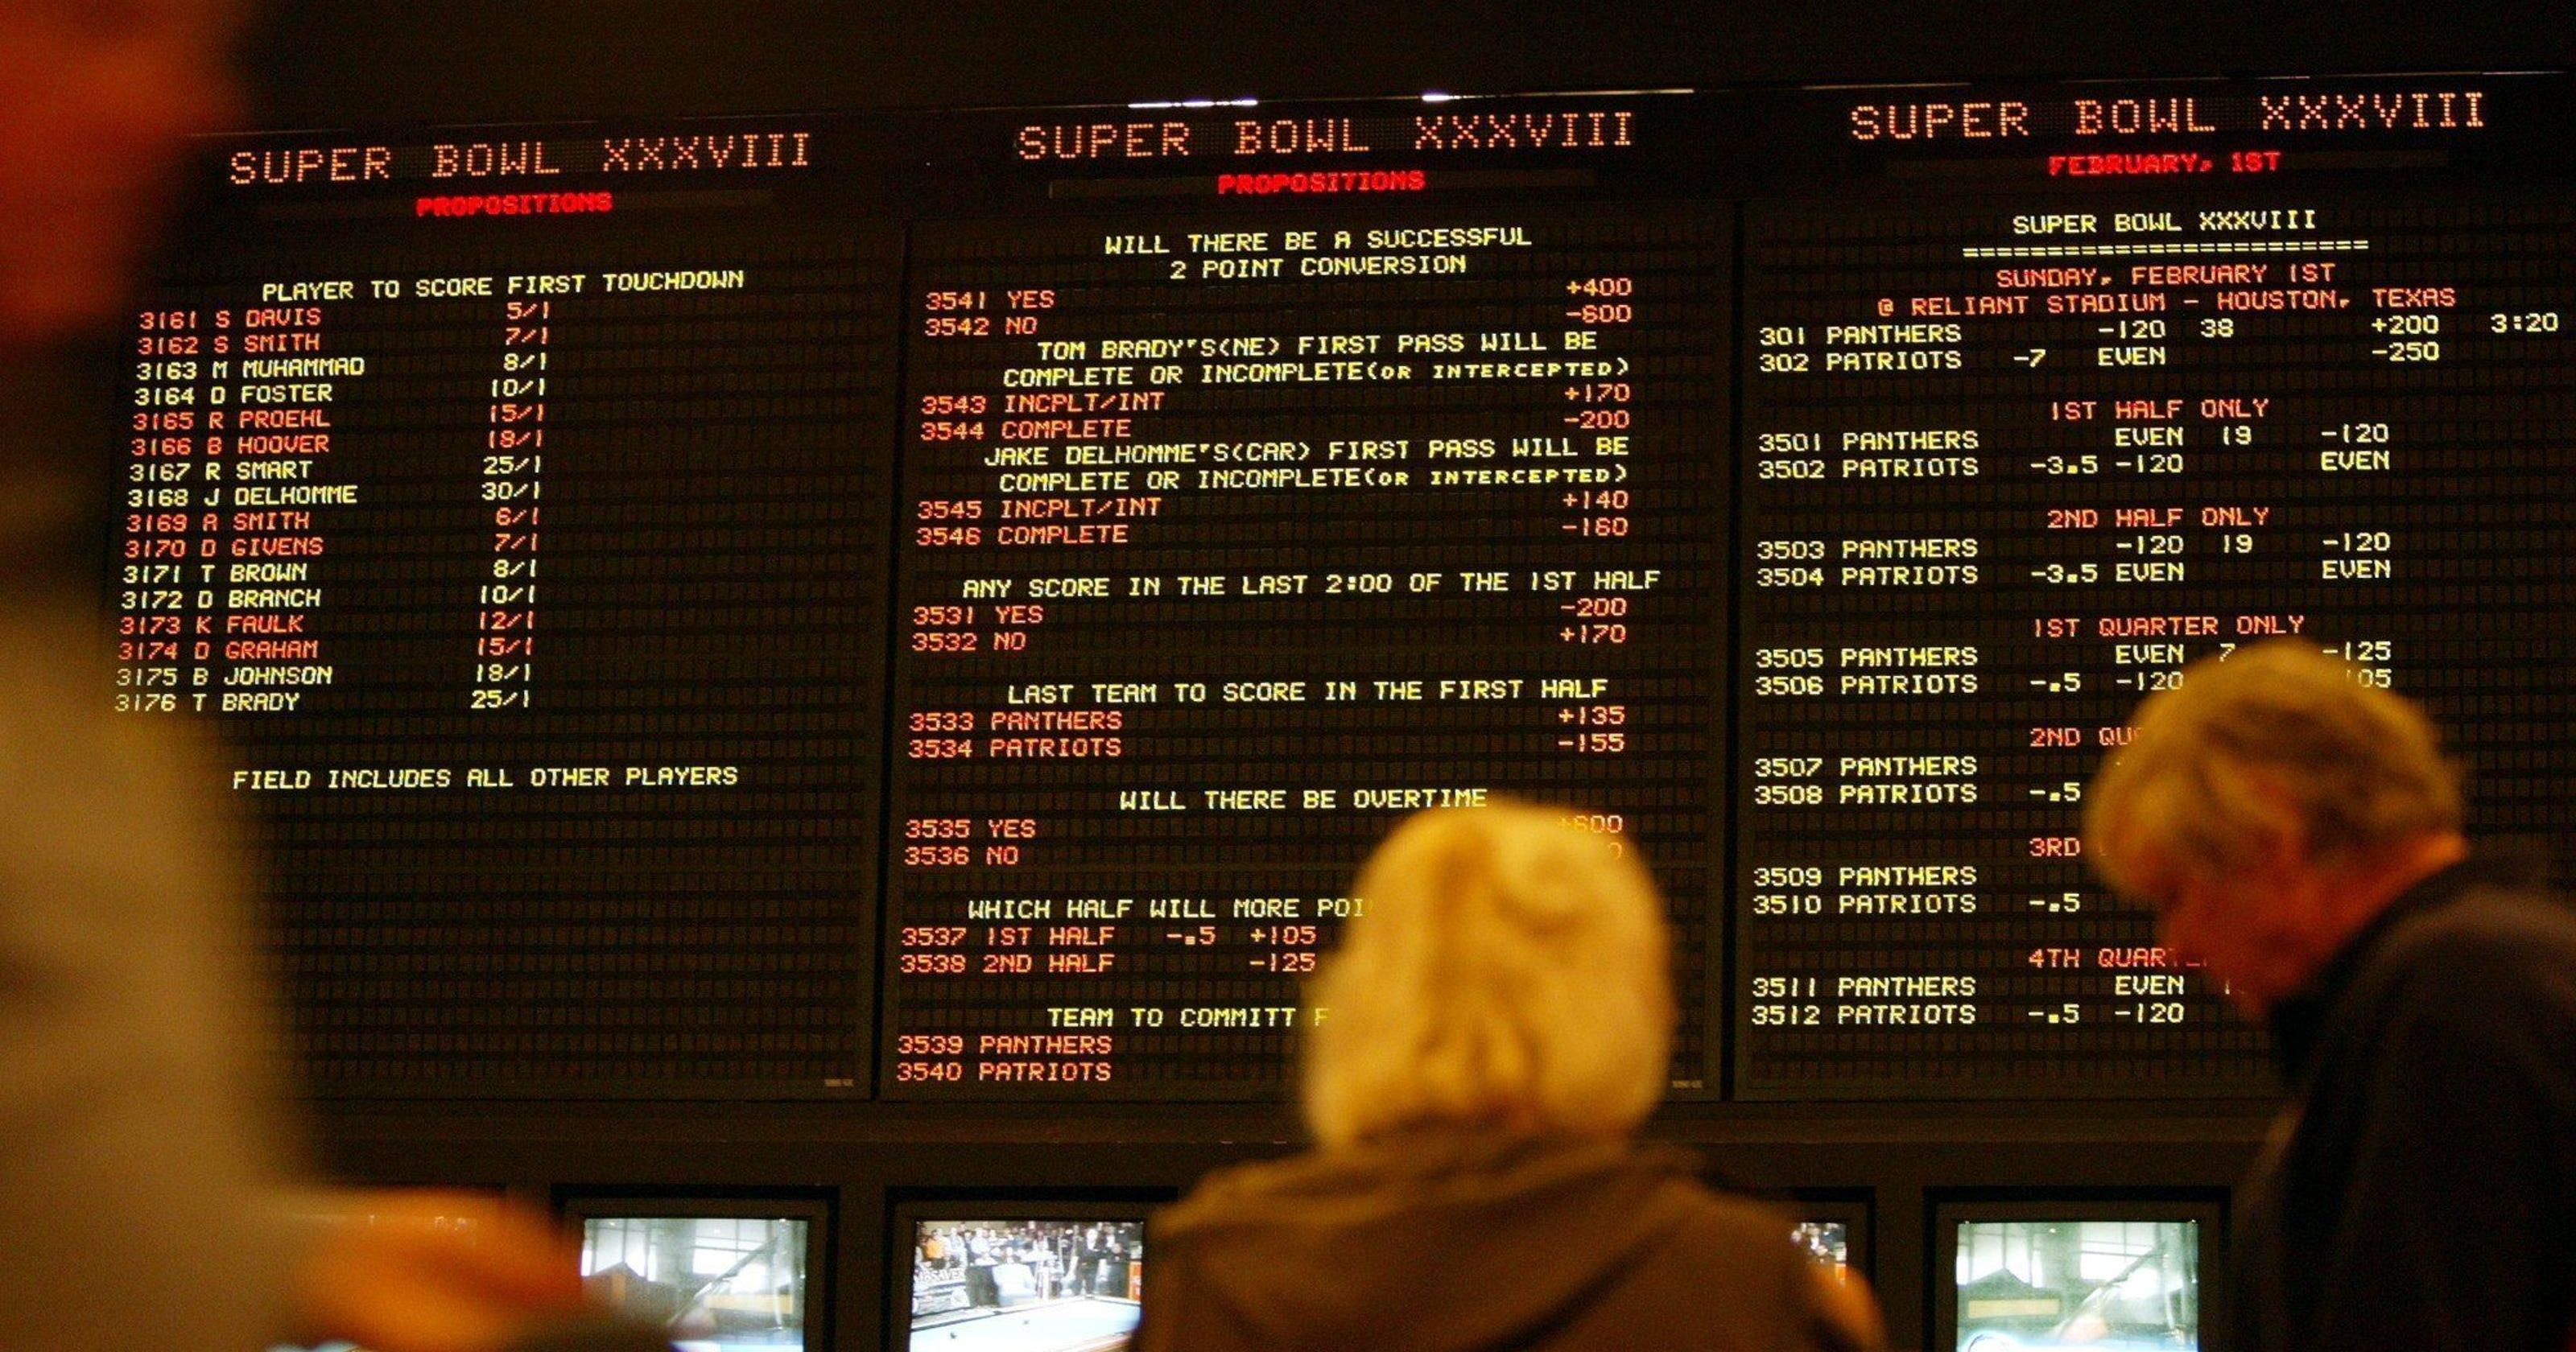 NJ sports betting: Regulations bill clears first hurdles